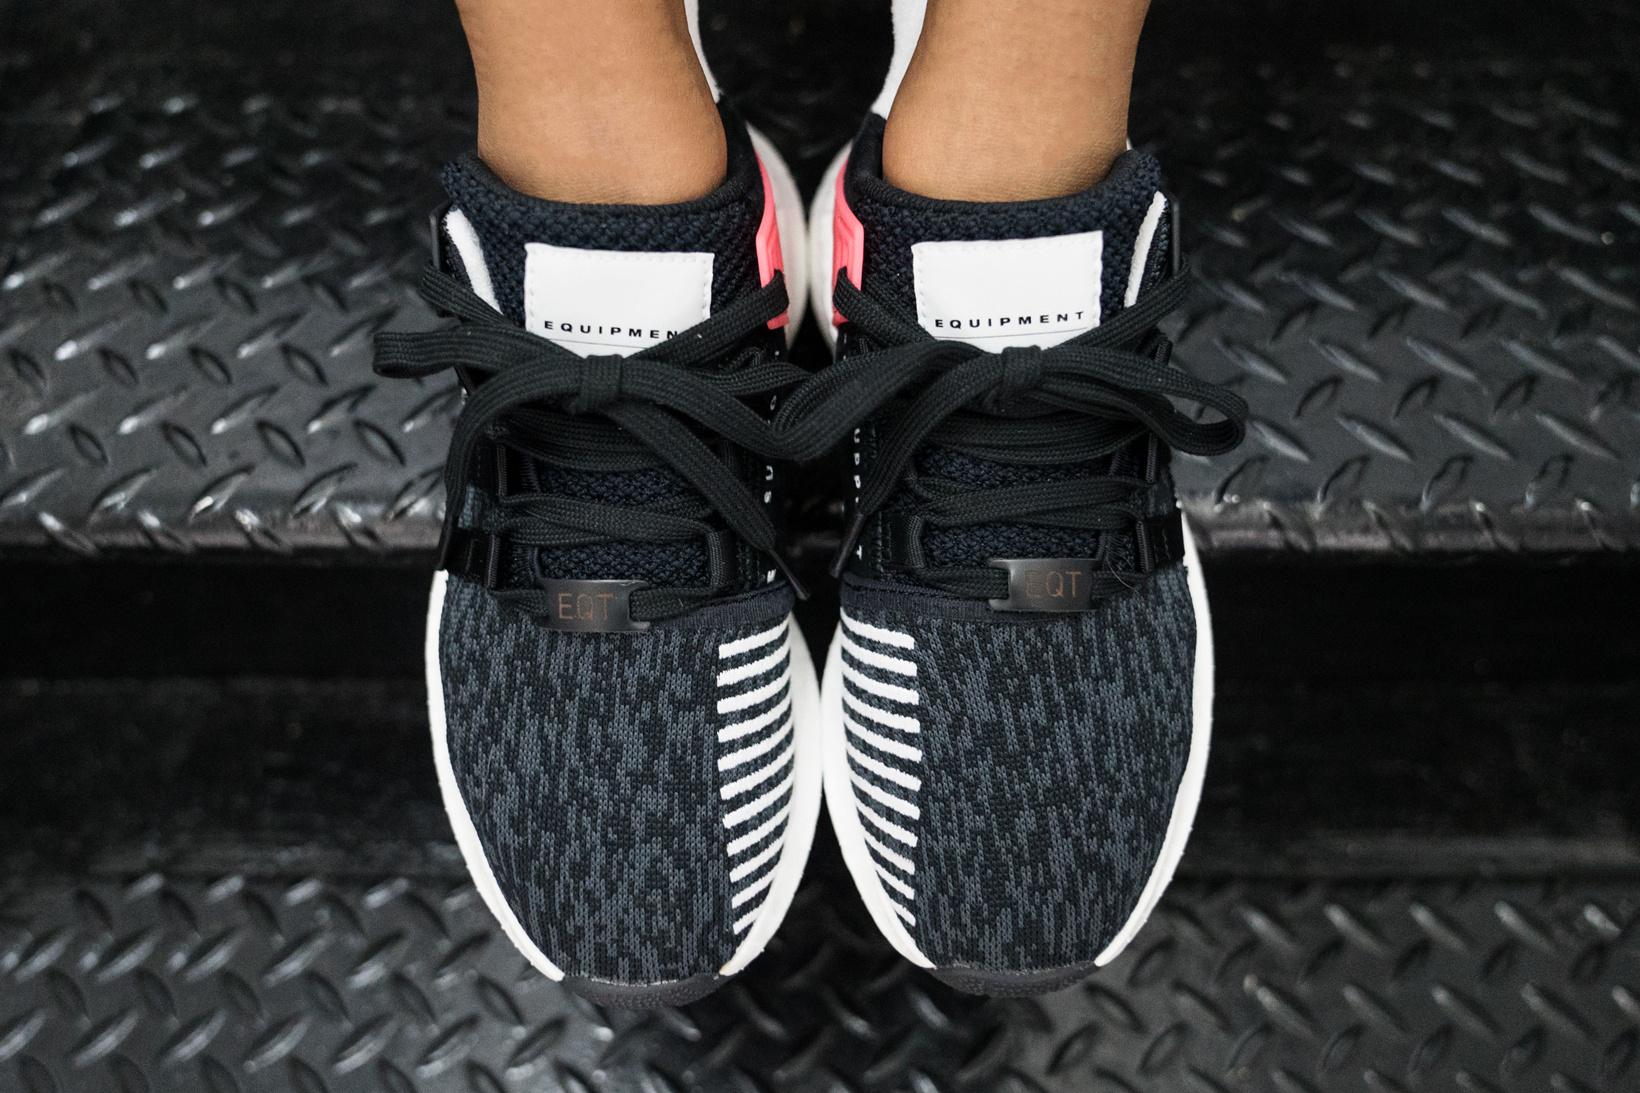 adidas-originals-eqt-support-93-17-closer-look-2